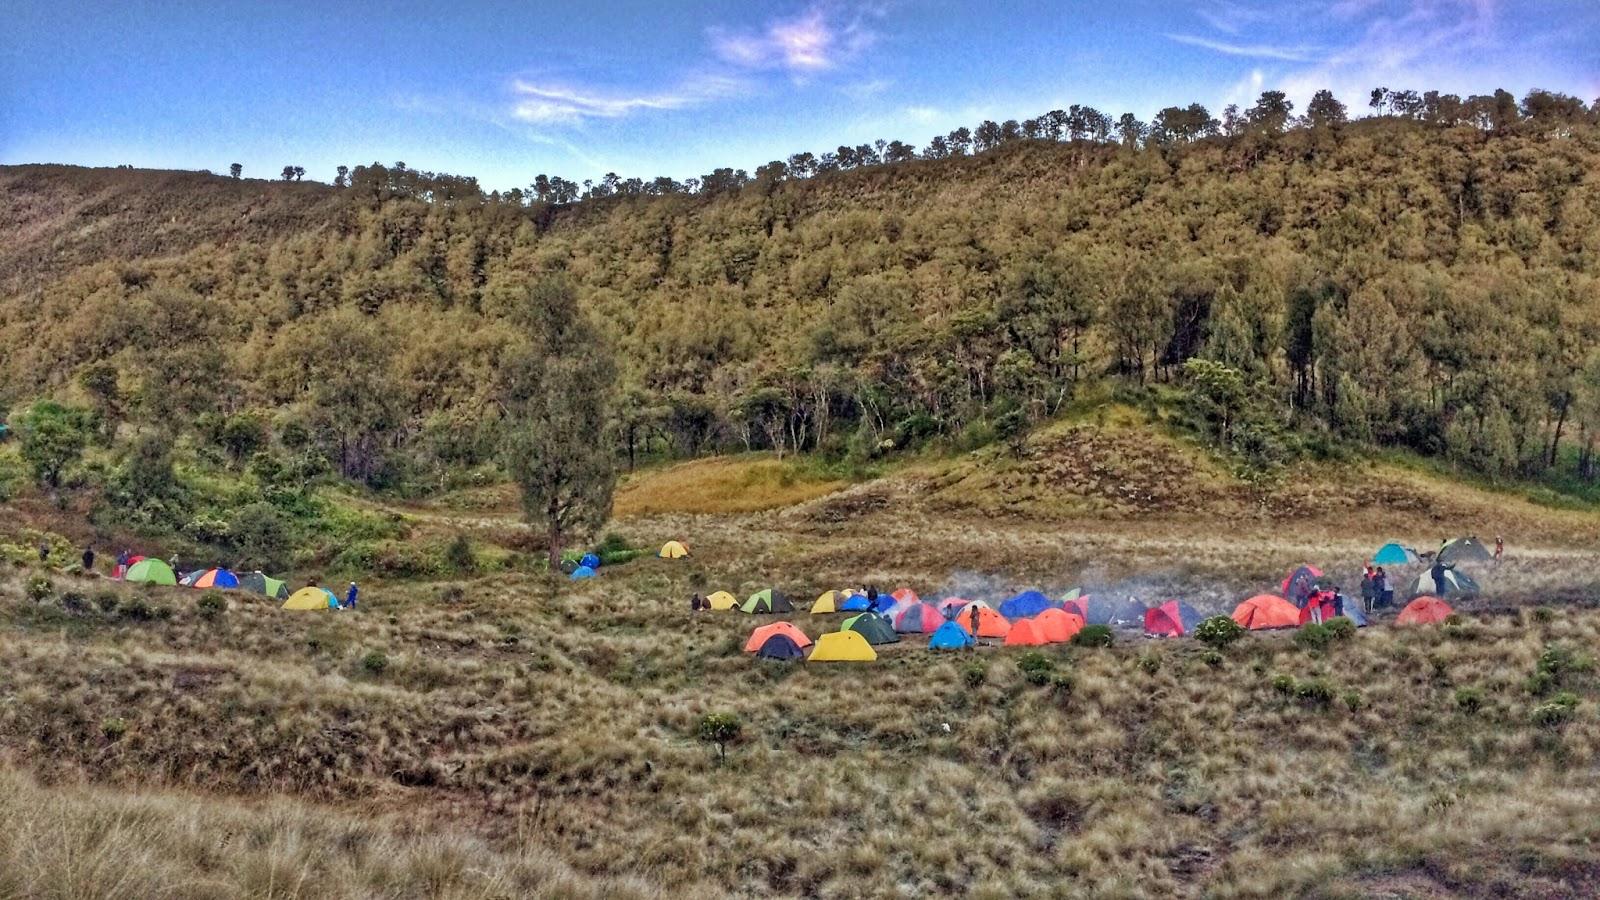 Jalur Pendakian Gunung Butak Via Panderman Basecamp Pendaki